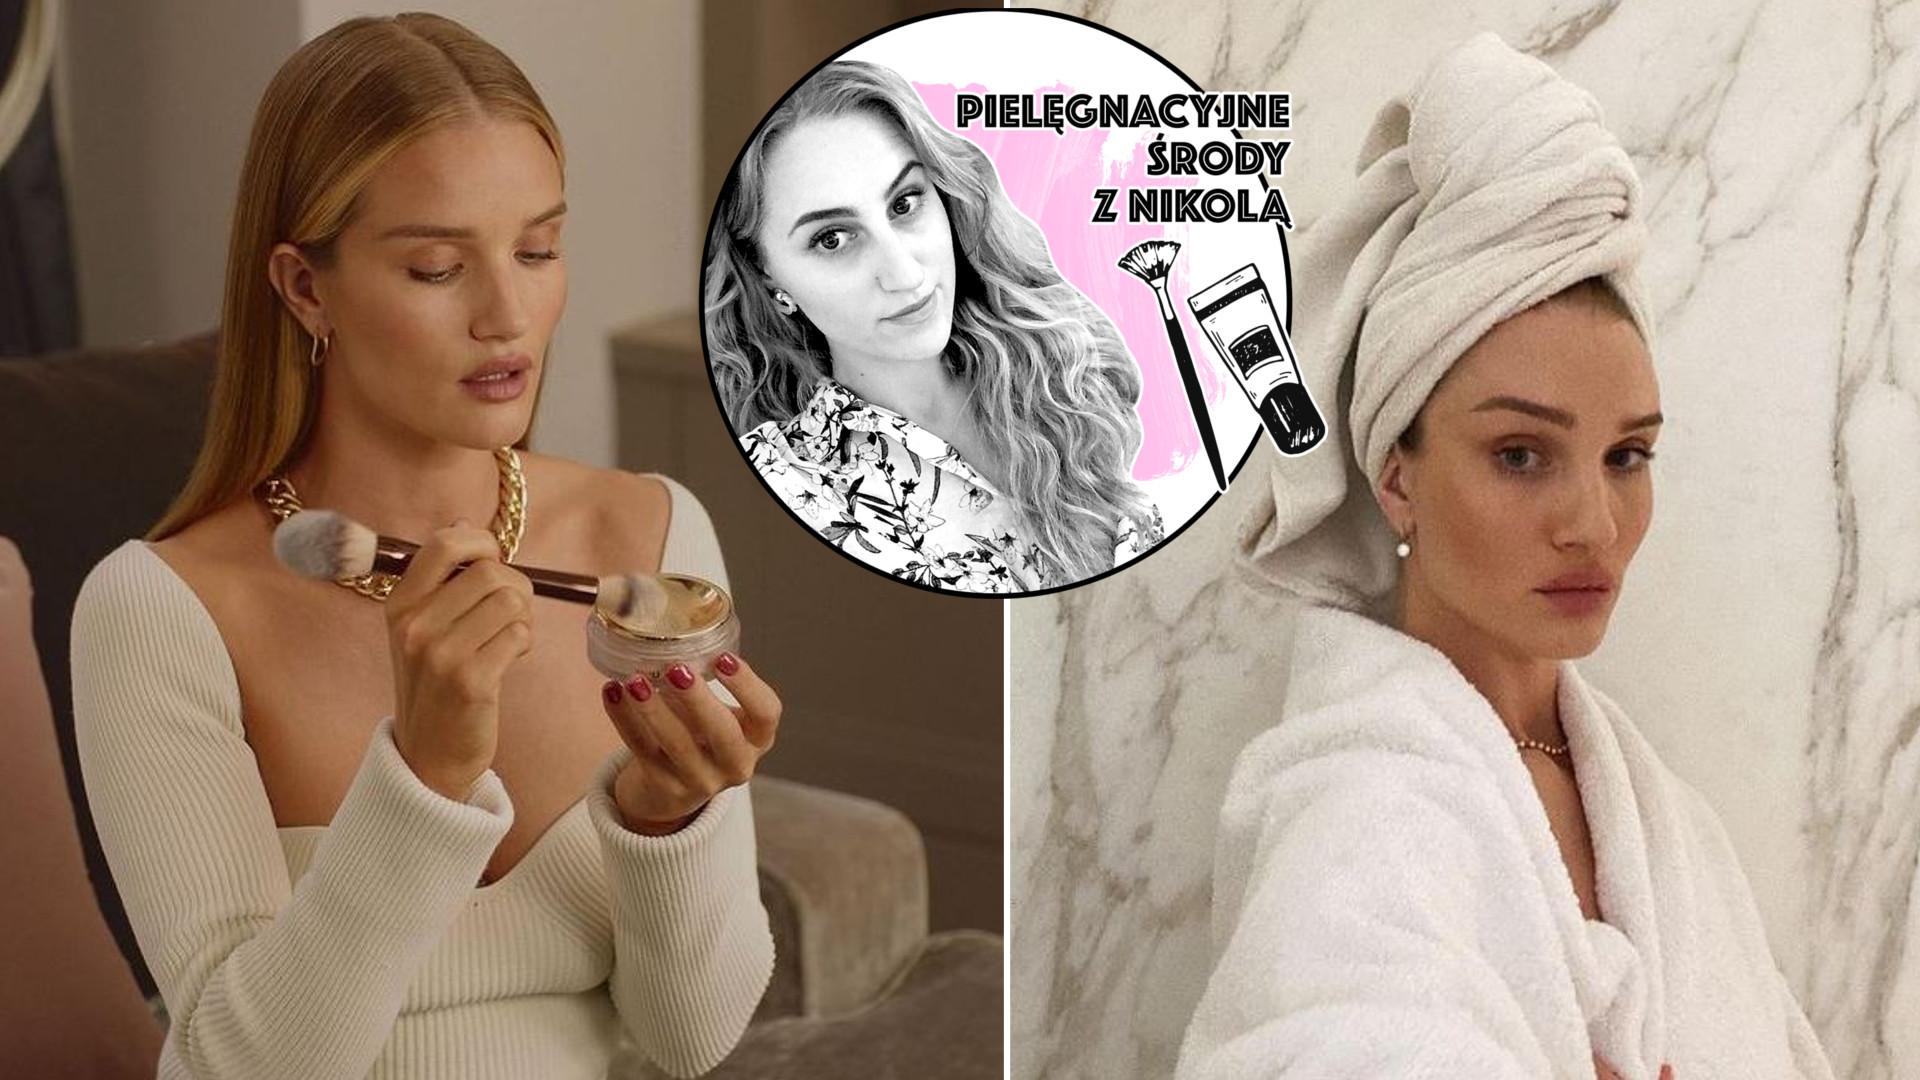 Rosie Huntington-Whiteley zdradziła patenty na piękną skórę zimą (PIELĘGNACYJNE ŚRODY)